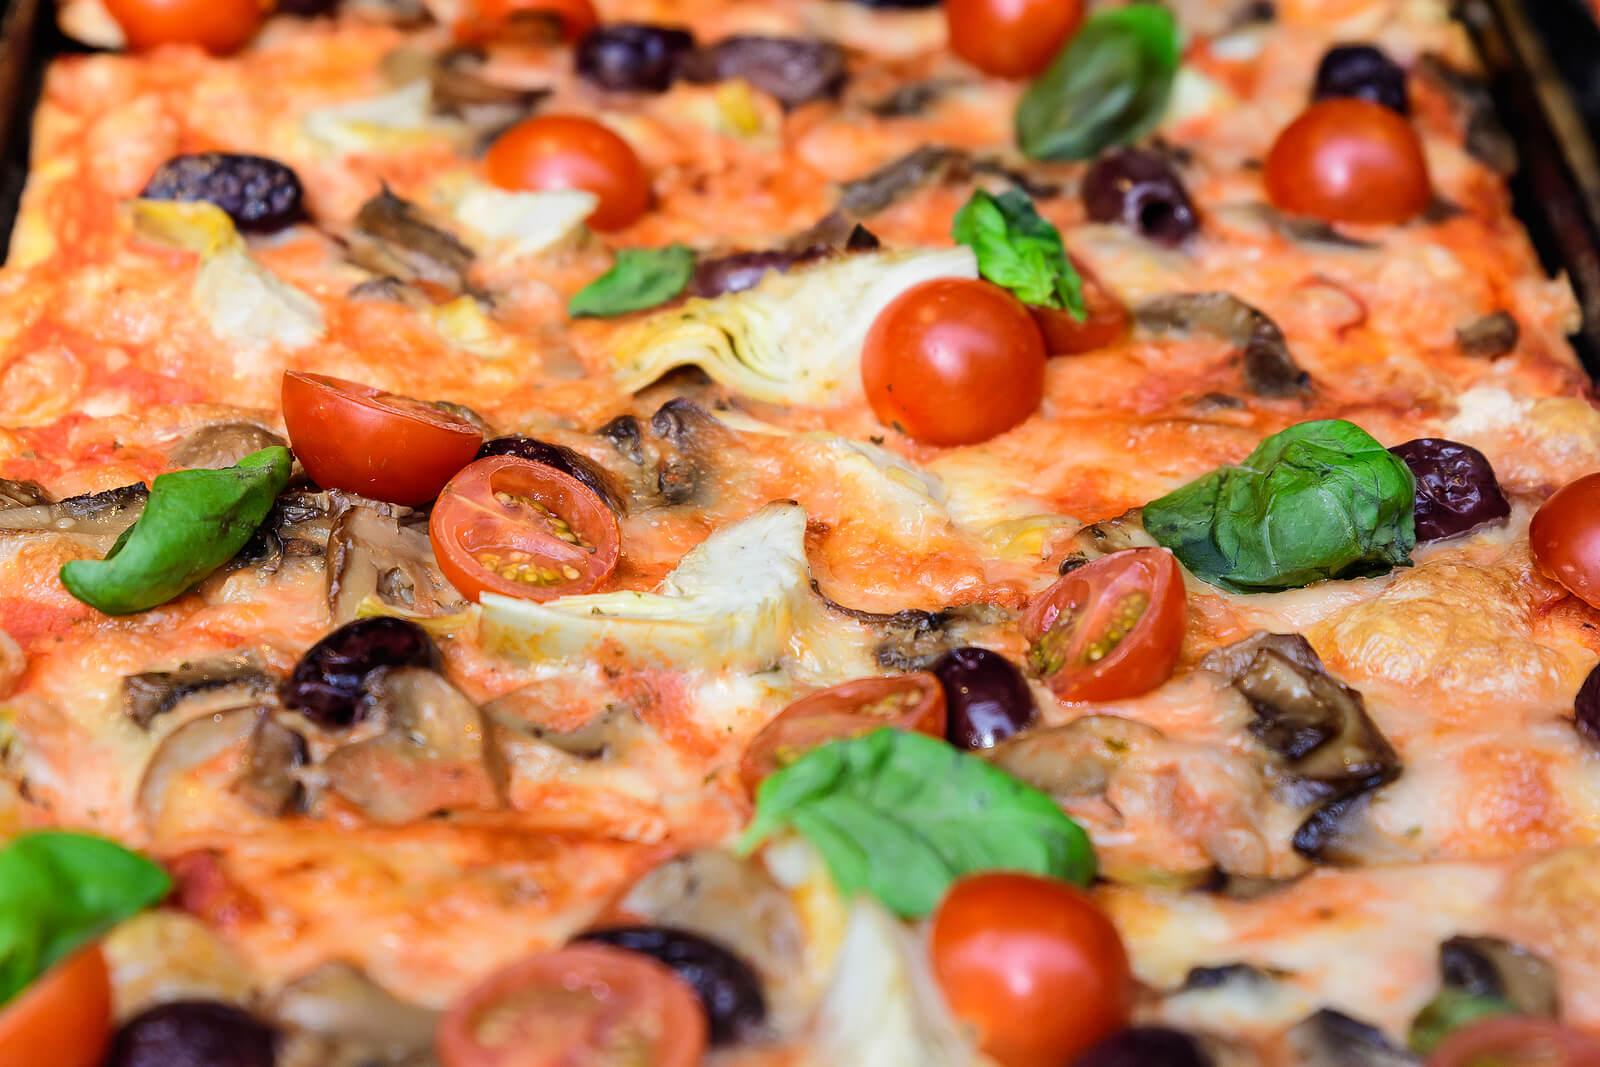 Pizza casera, una de las recetas de fast food saludable.